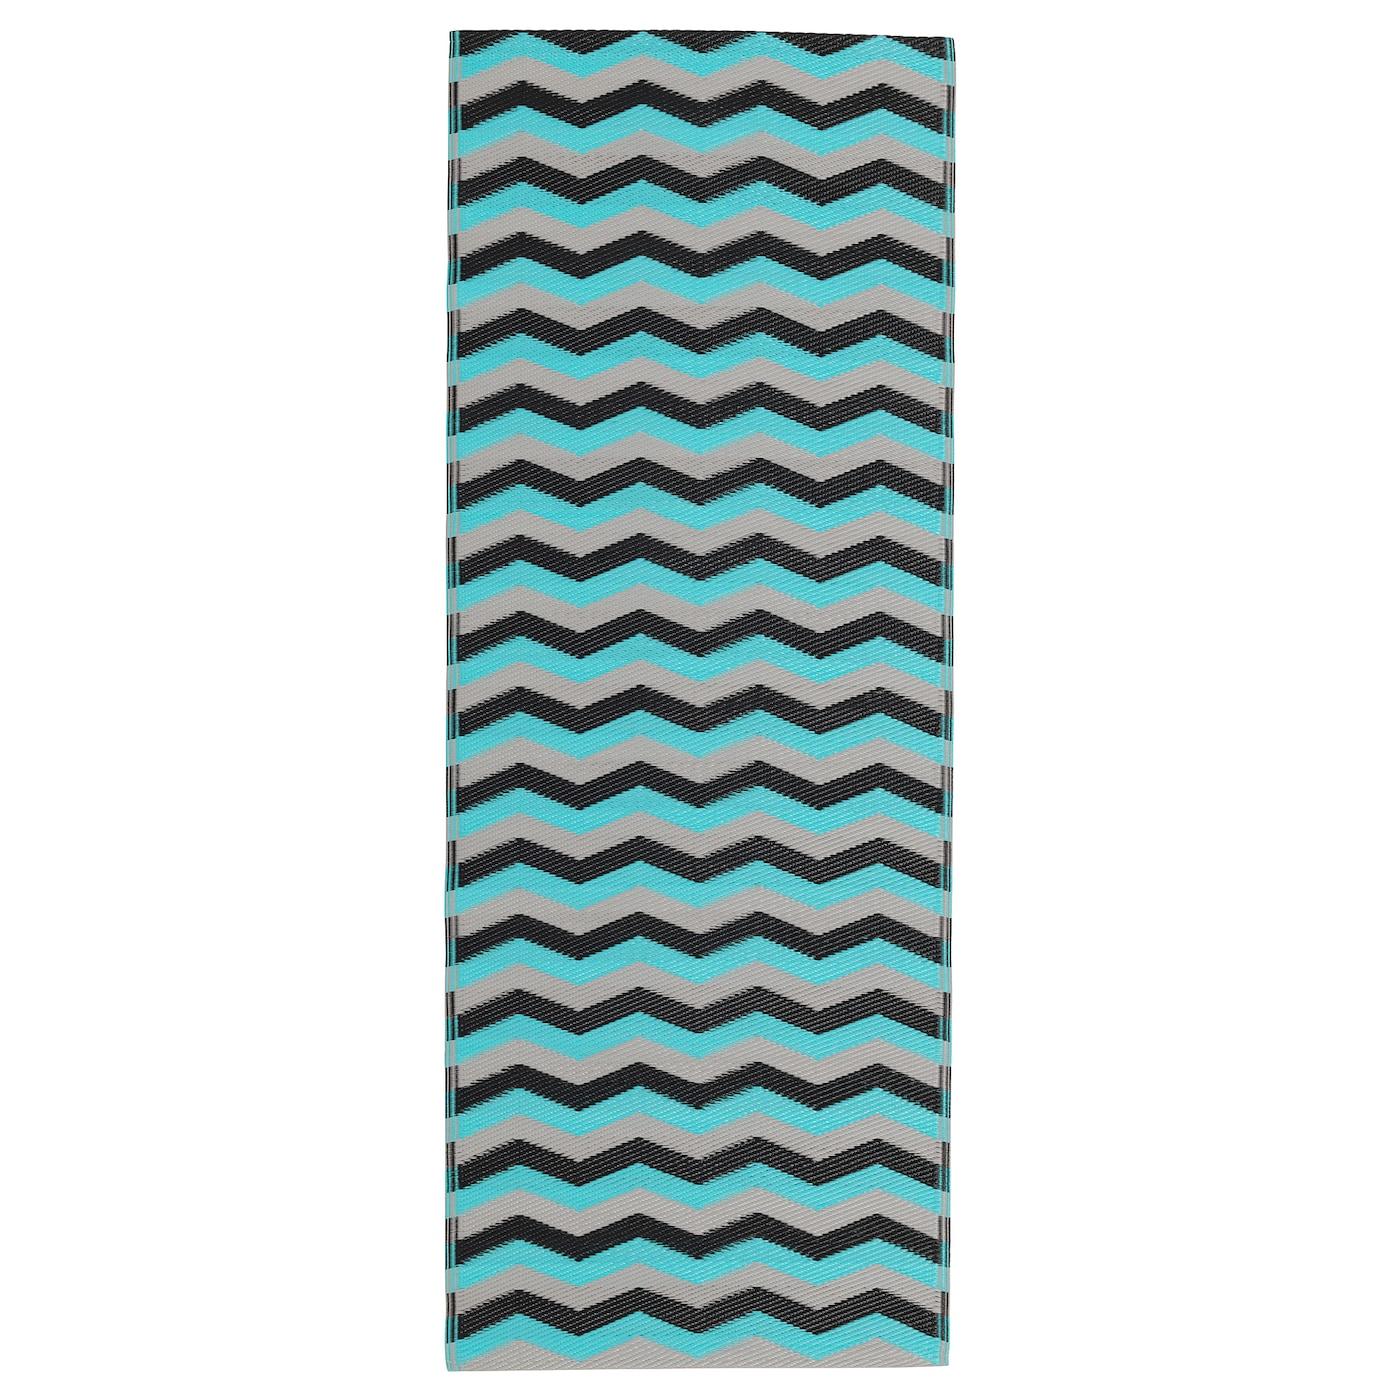 Outdoor Rugs & Outdoor Carpet